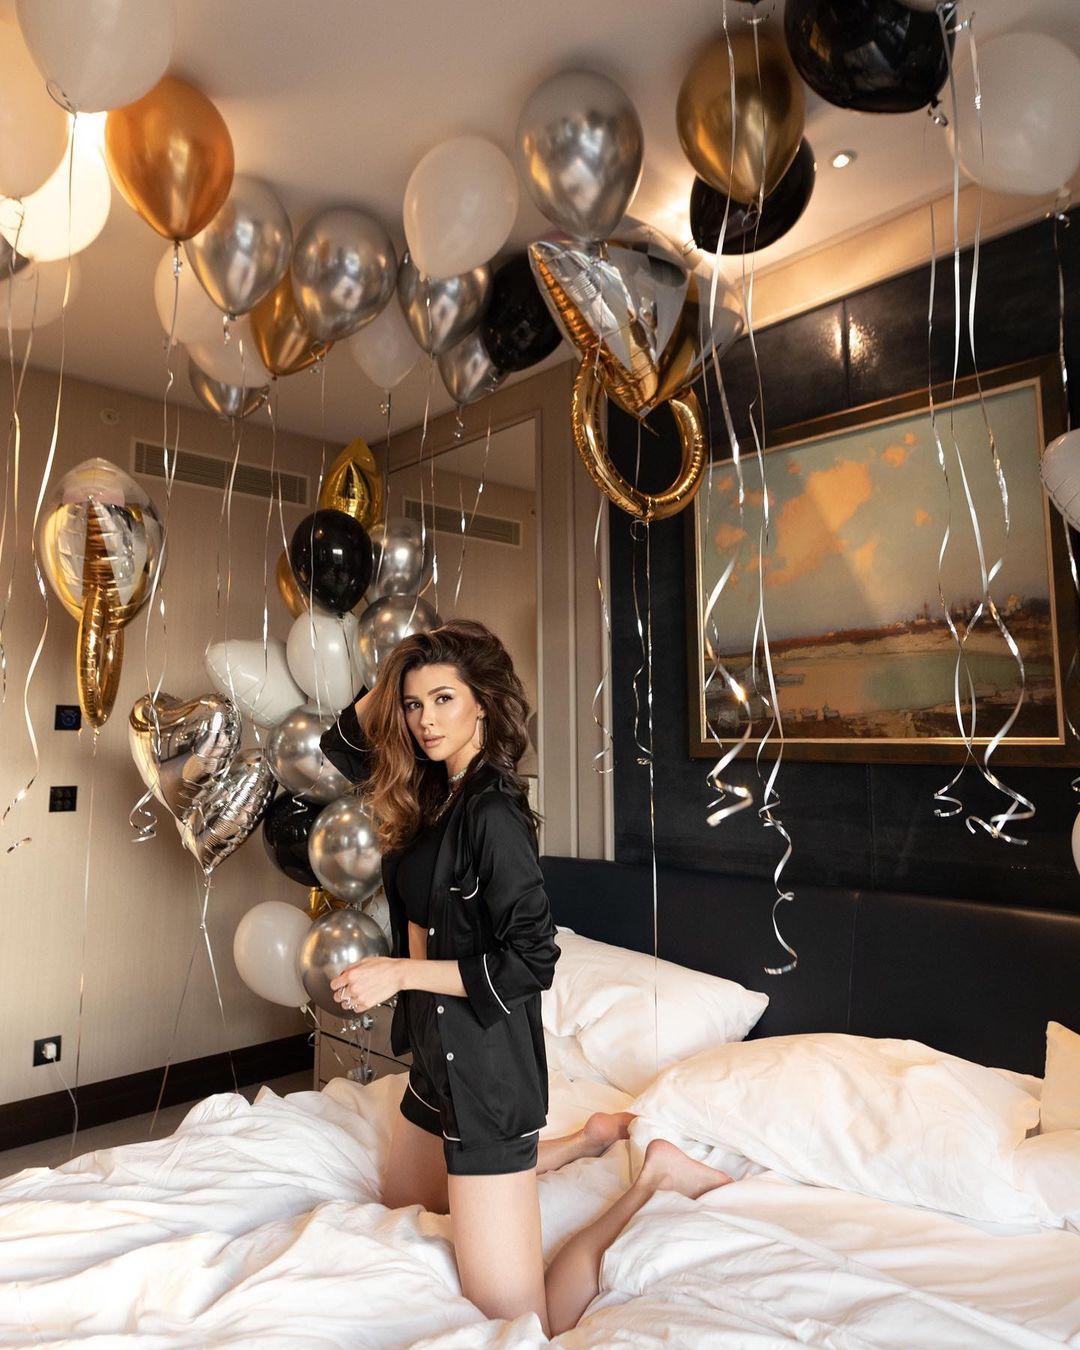 Дочь Анастасии Заворотнюк очаровала новыми снимками в постели